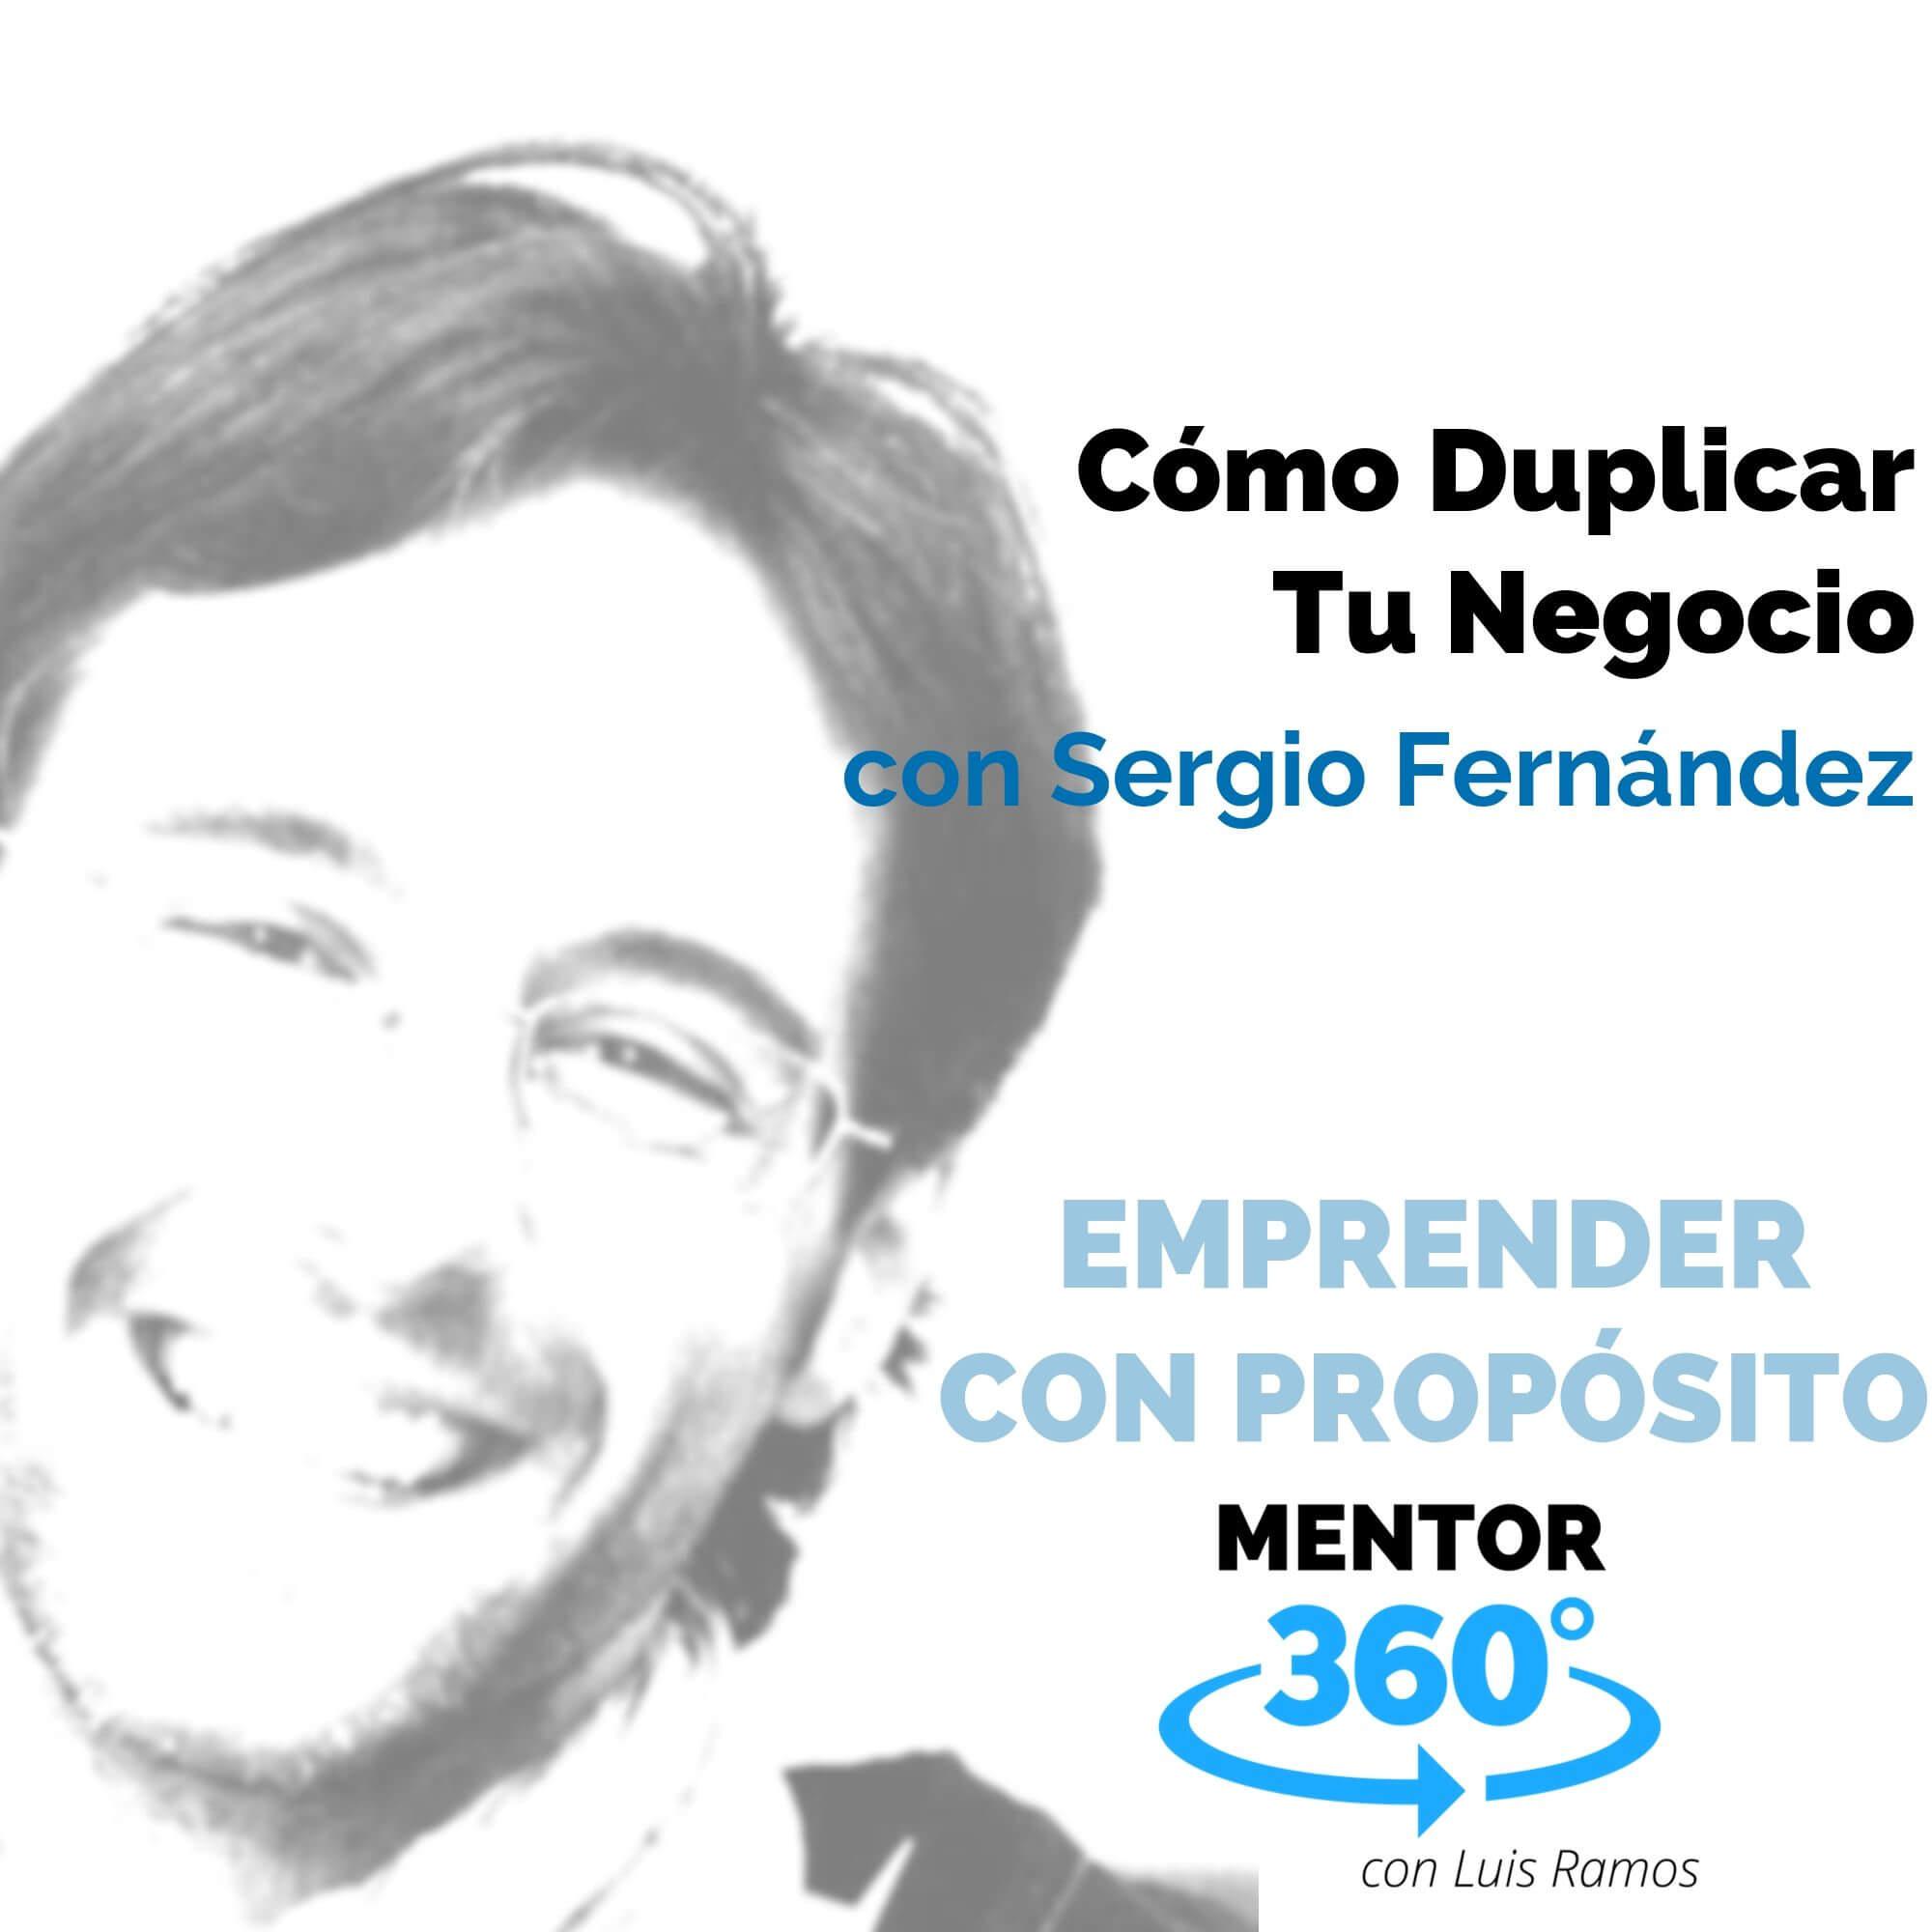 Cómo Duplicar Tu Negocio, con Sergio Fernández - EMPRENDER CON PROPÓSITO